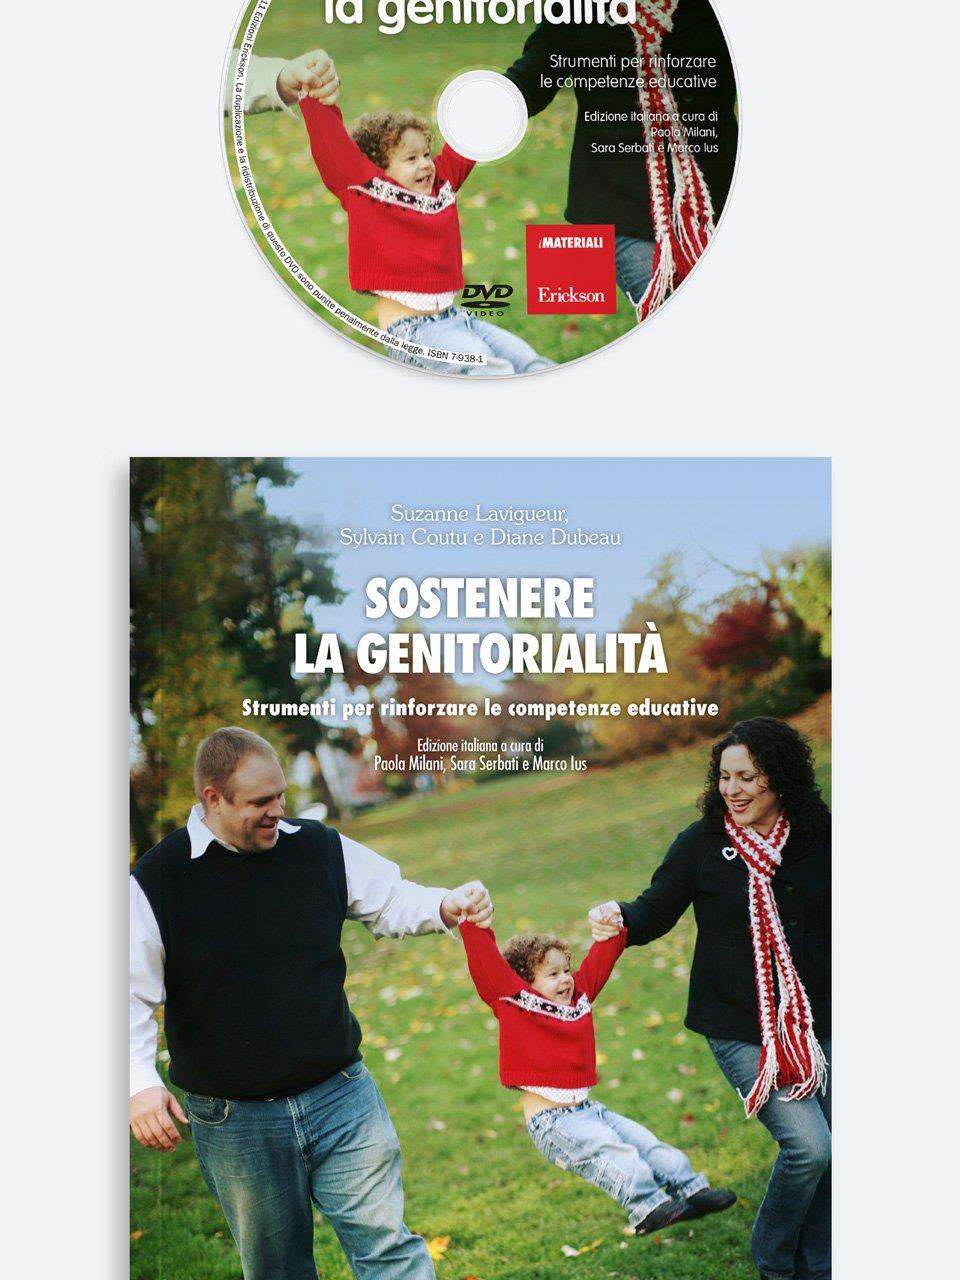 Sostenere la genitorialità - Libri - Erickson 3